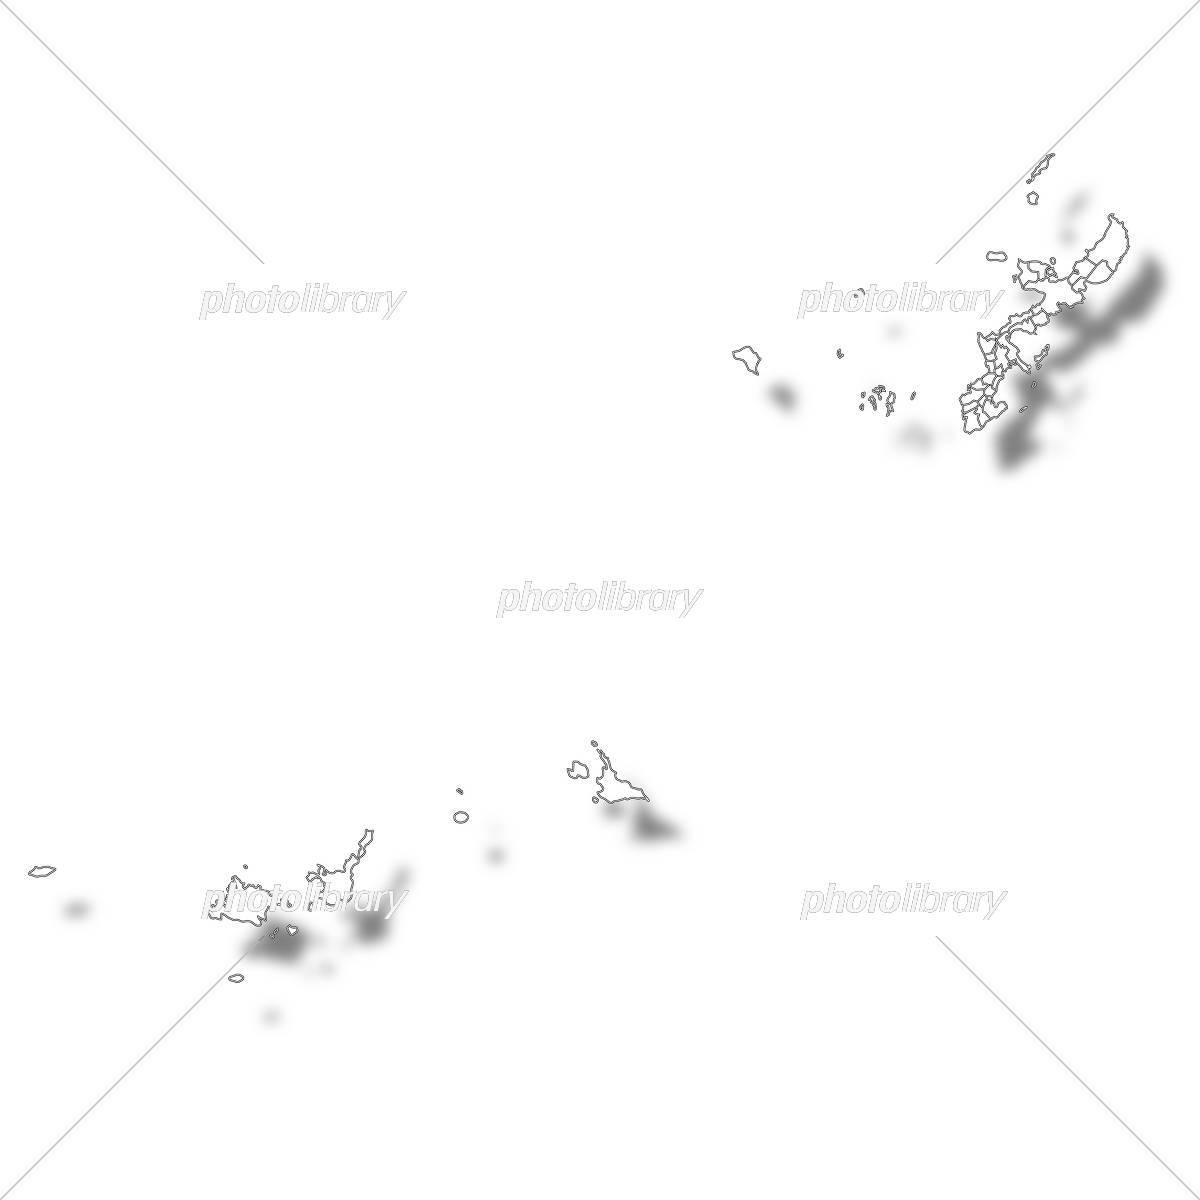 沖縄 地図 イラスト素材 5429691 フォトライブラリー Photolibrary